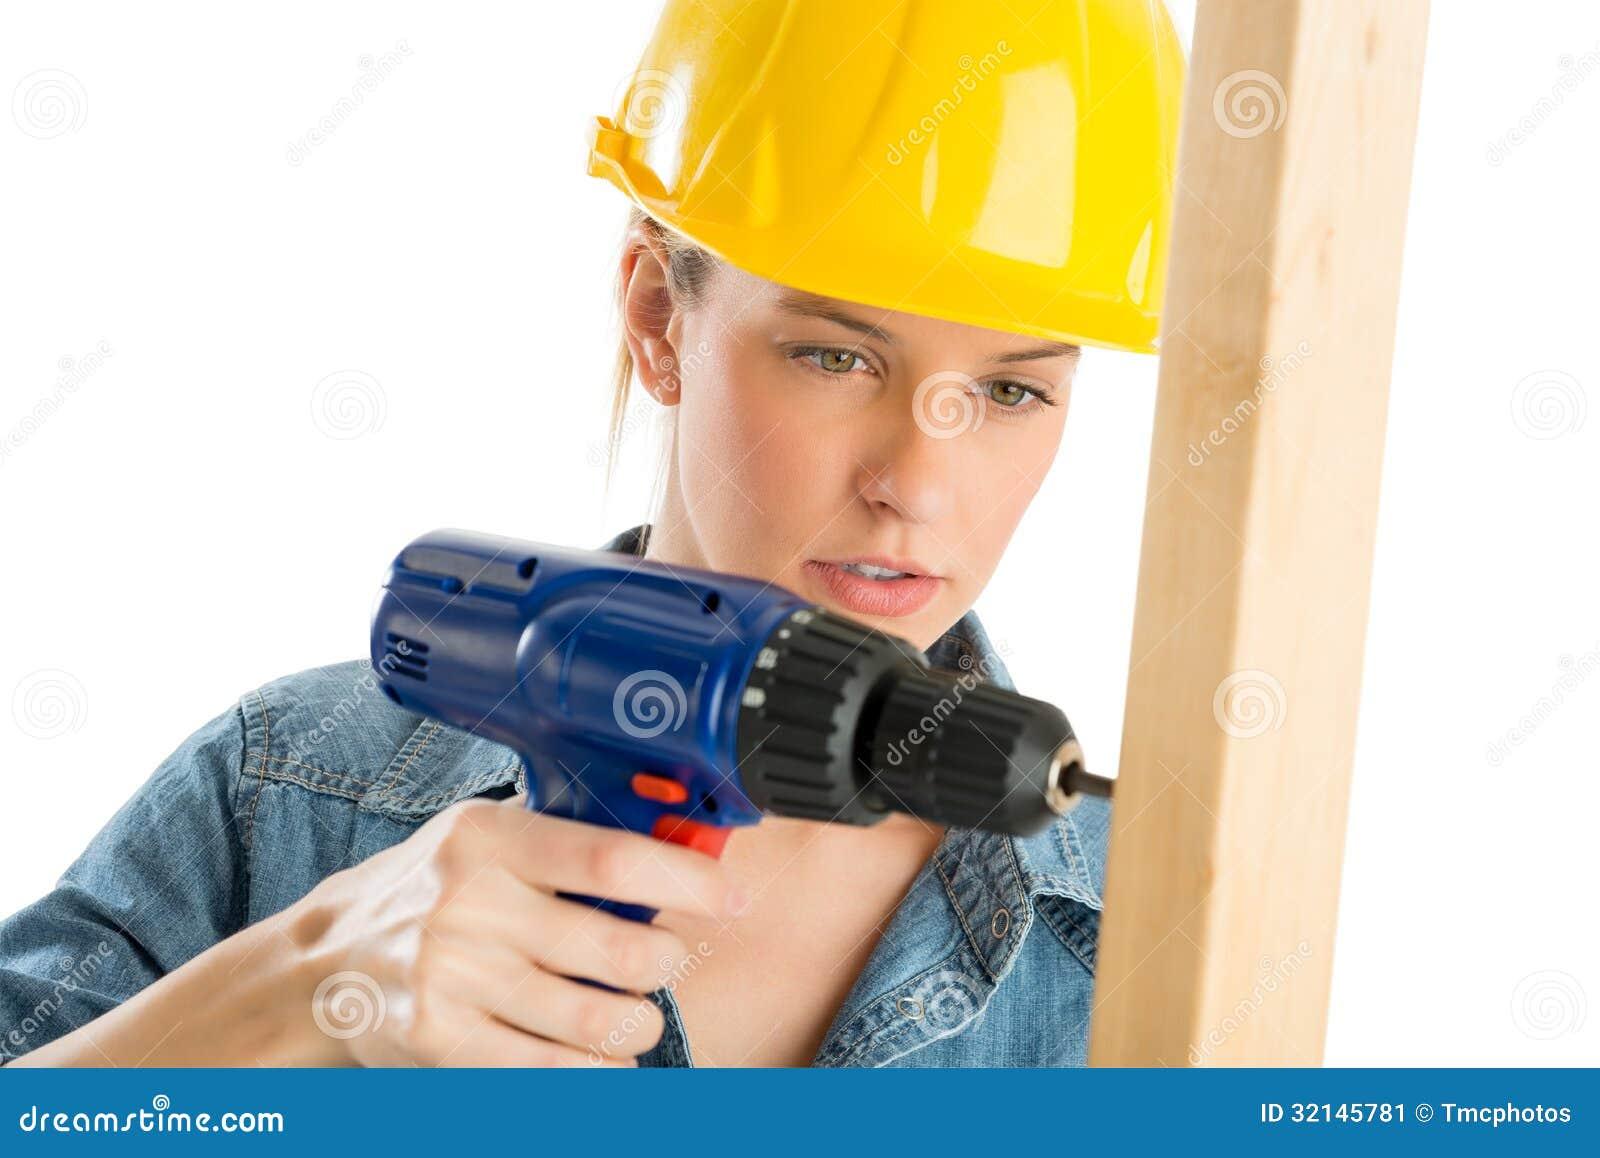 Εργάτης οικοδομών που χρησιμοποιεί το ασύρματο τρυπάνι στην ξύλινη σανίδα